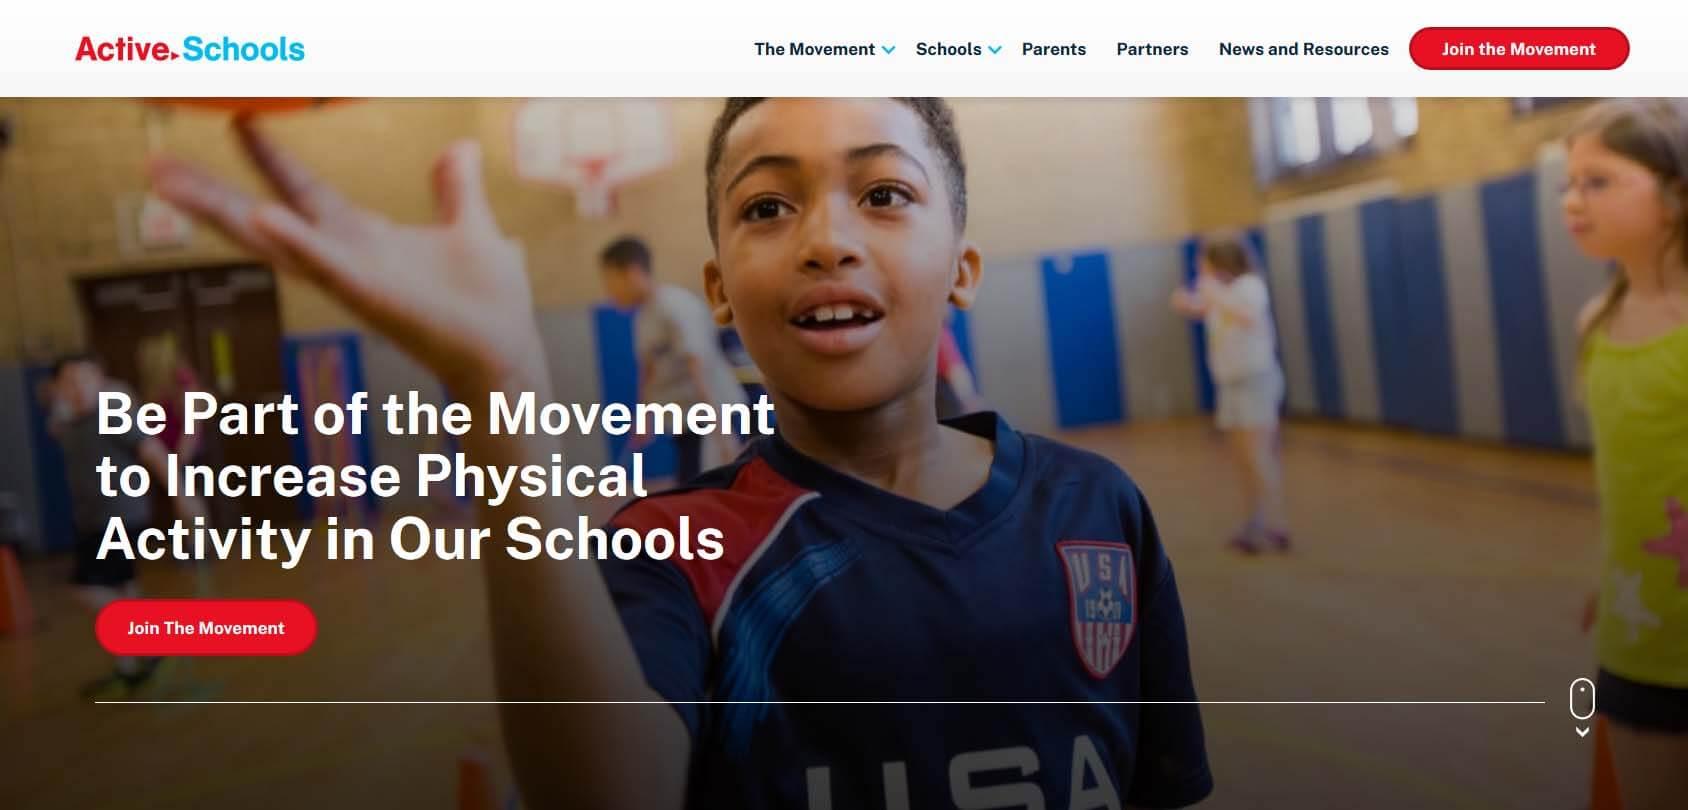 Active Schools Homepage